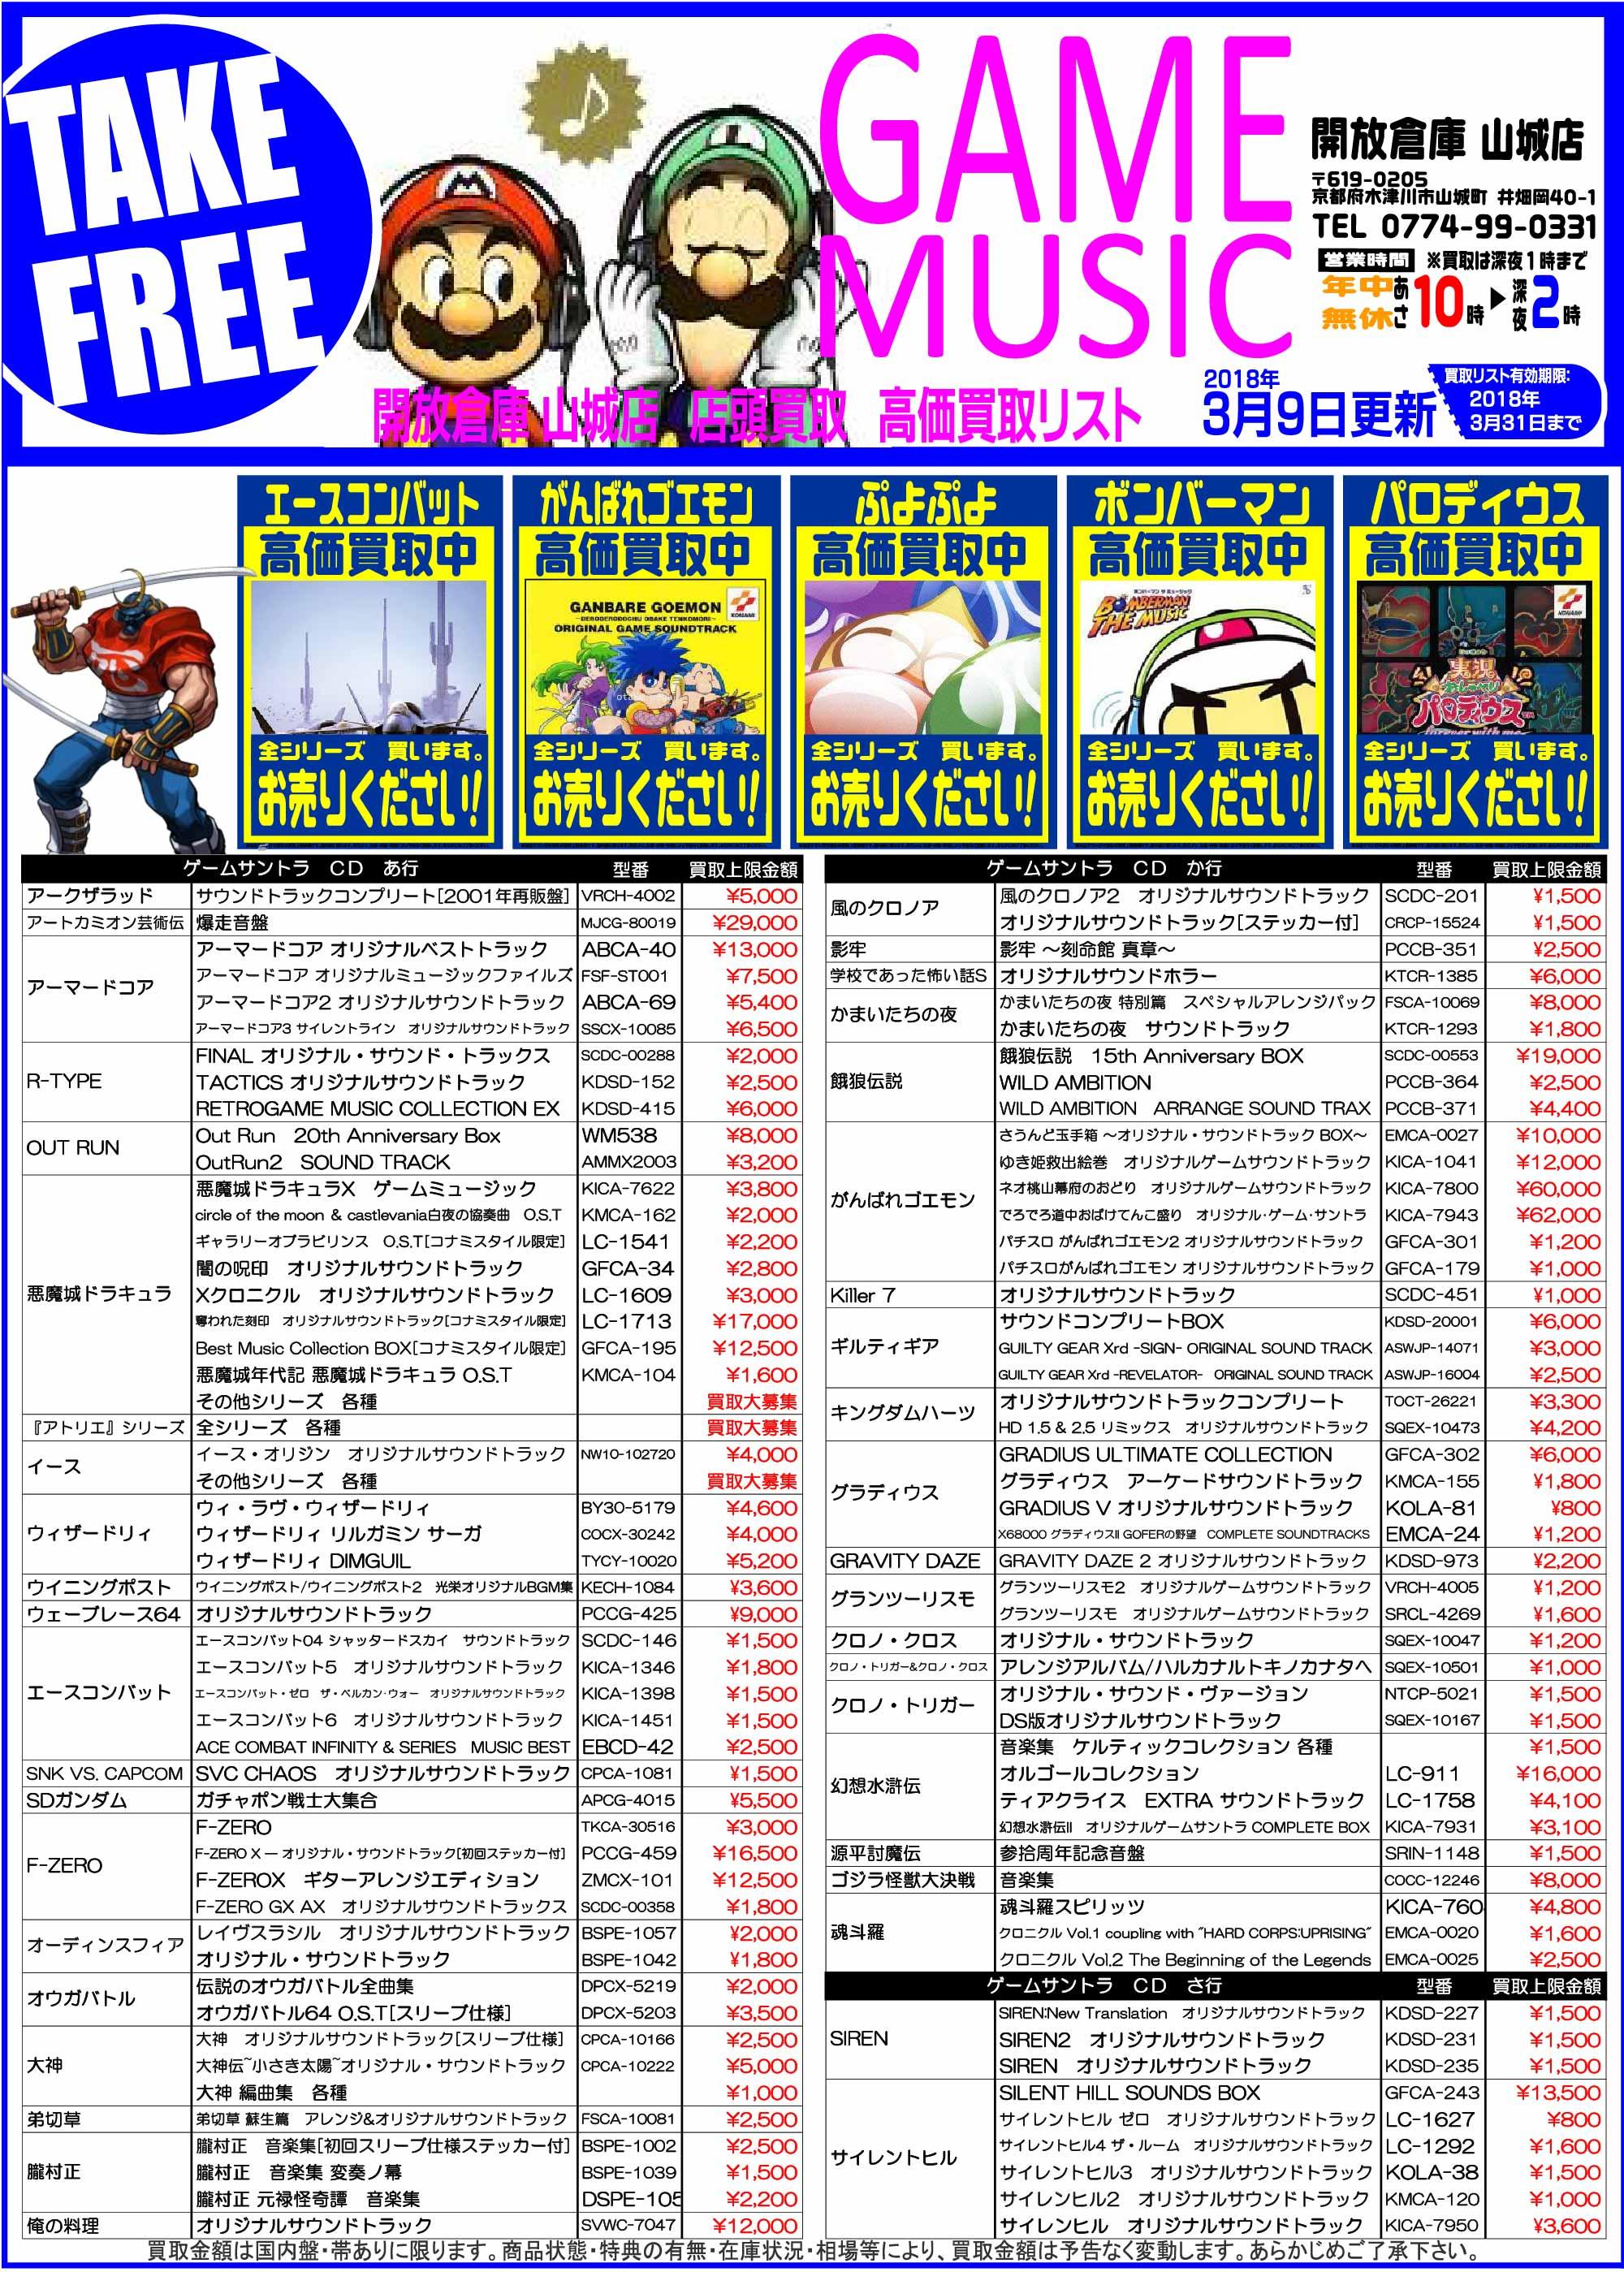 「開放倉庫山城店」CDコーナー<GAME MUSIC買取告知3月号>エースコンバット、がんばれゴエモン、ぷよぷよ、ボンバーマン、パロディウスなどなど高価買取中、お売りください!